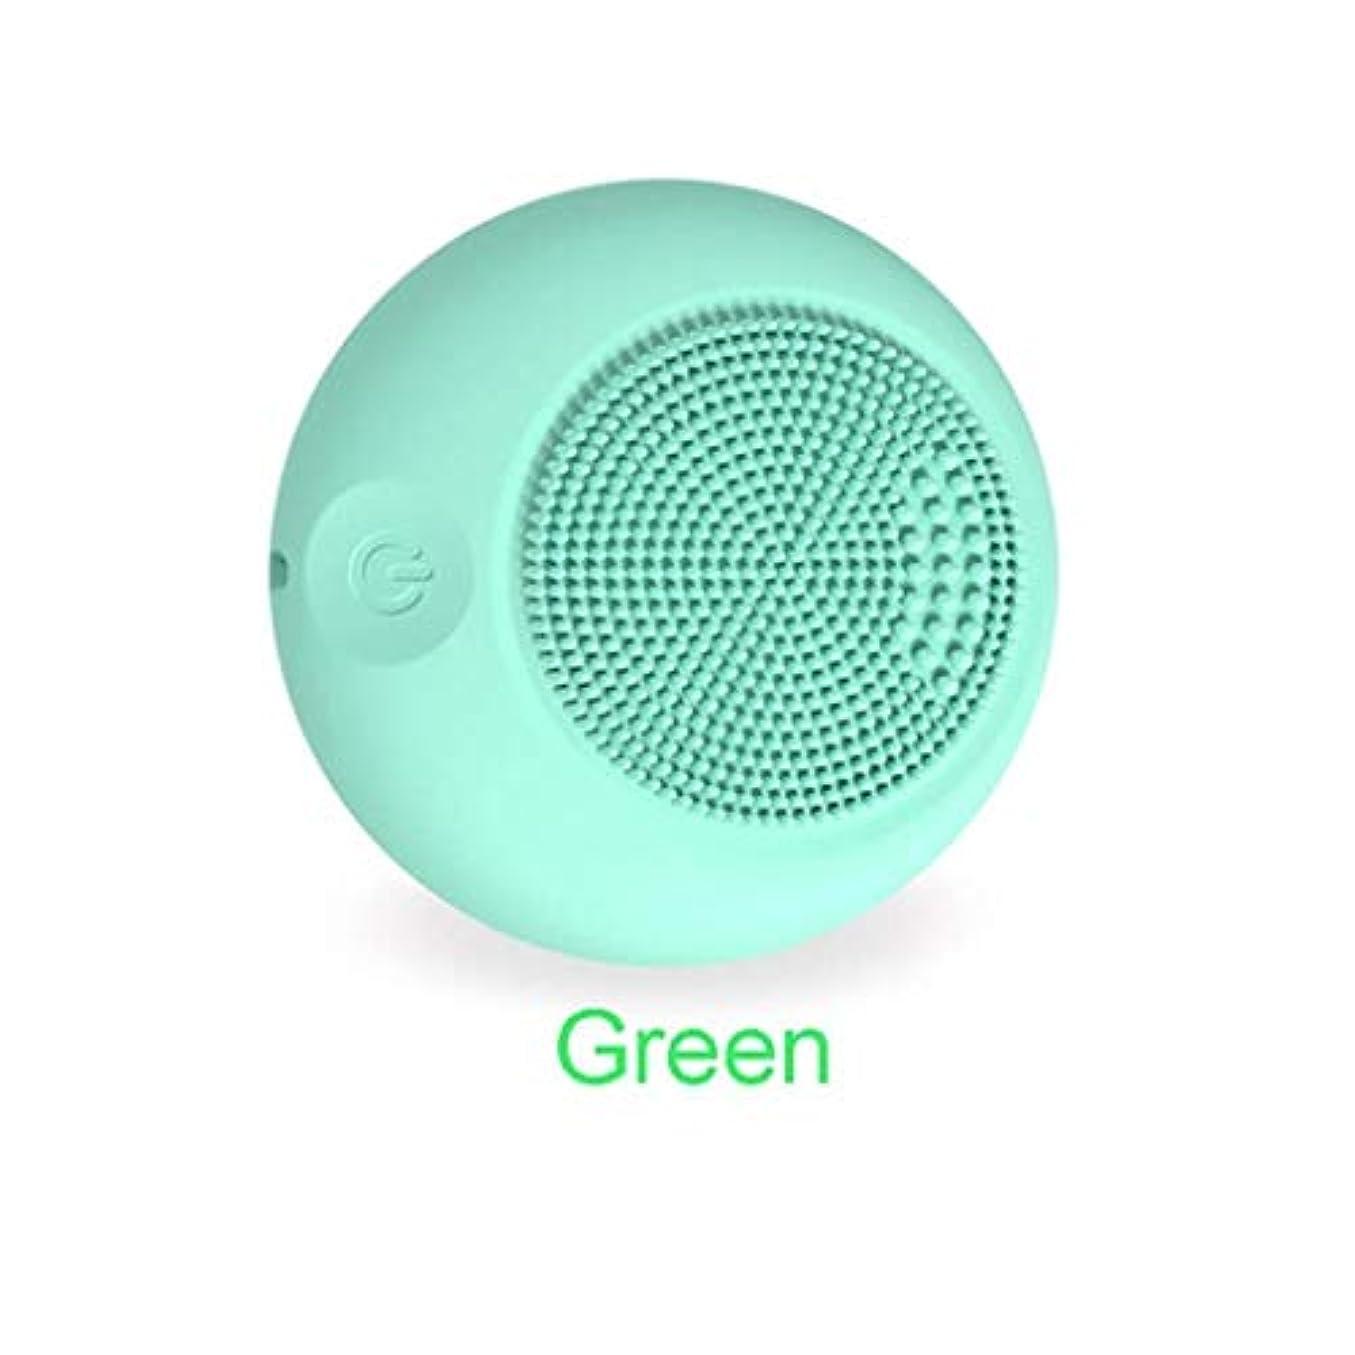 植木ミシン目平行クレンジングブラシ、電動フェイシャルマッサージ、振動シリコンフェイシャルディープクリーン電気防水マッサージクレンザー (Color : 緑)